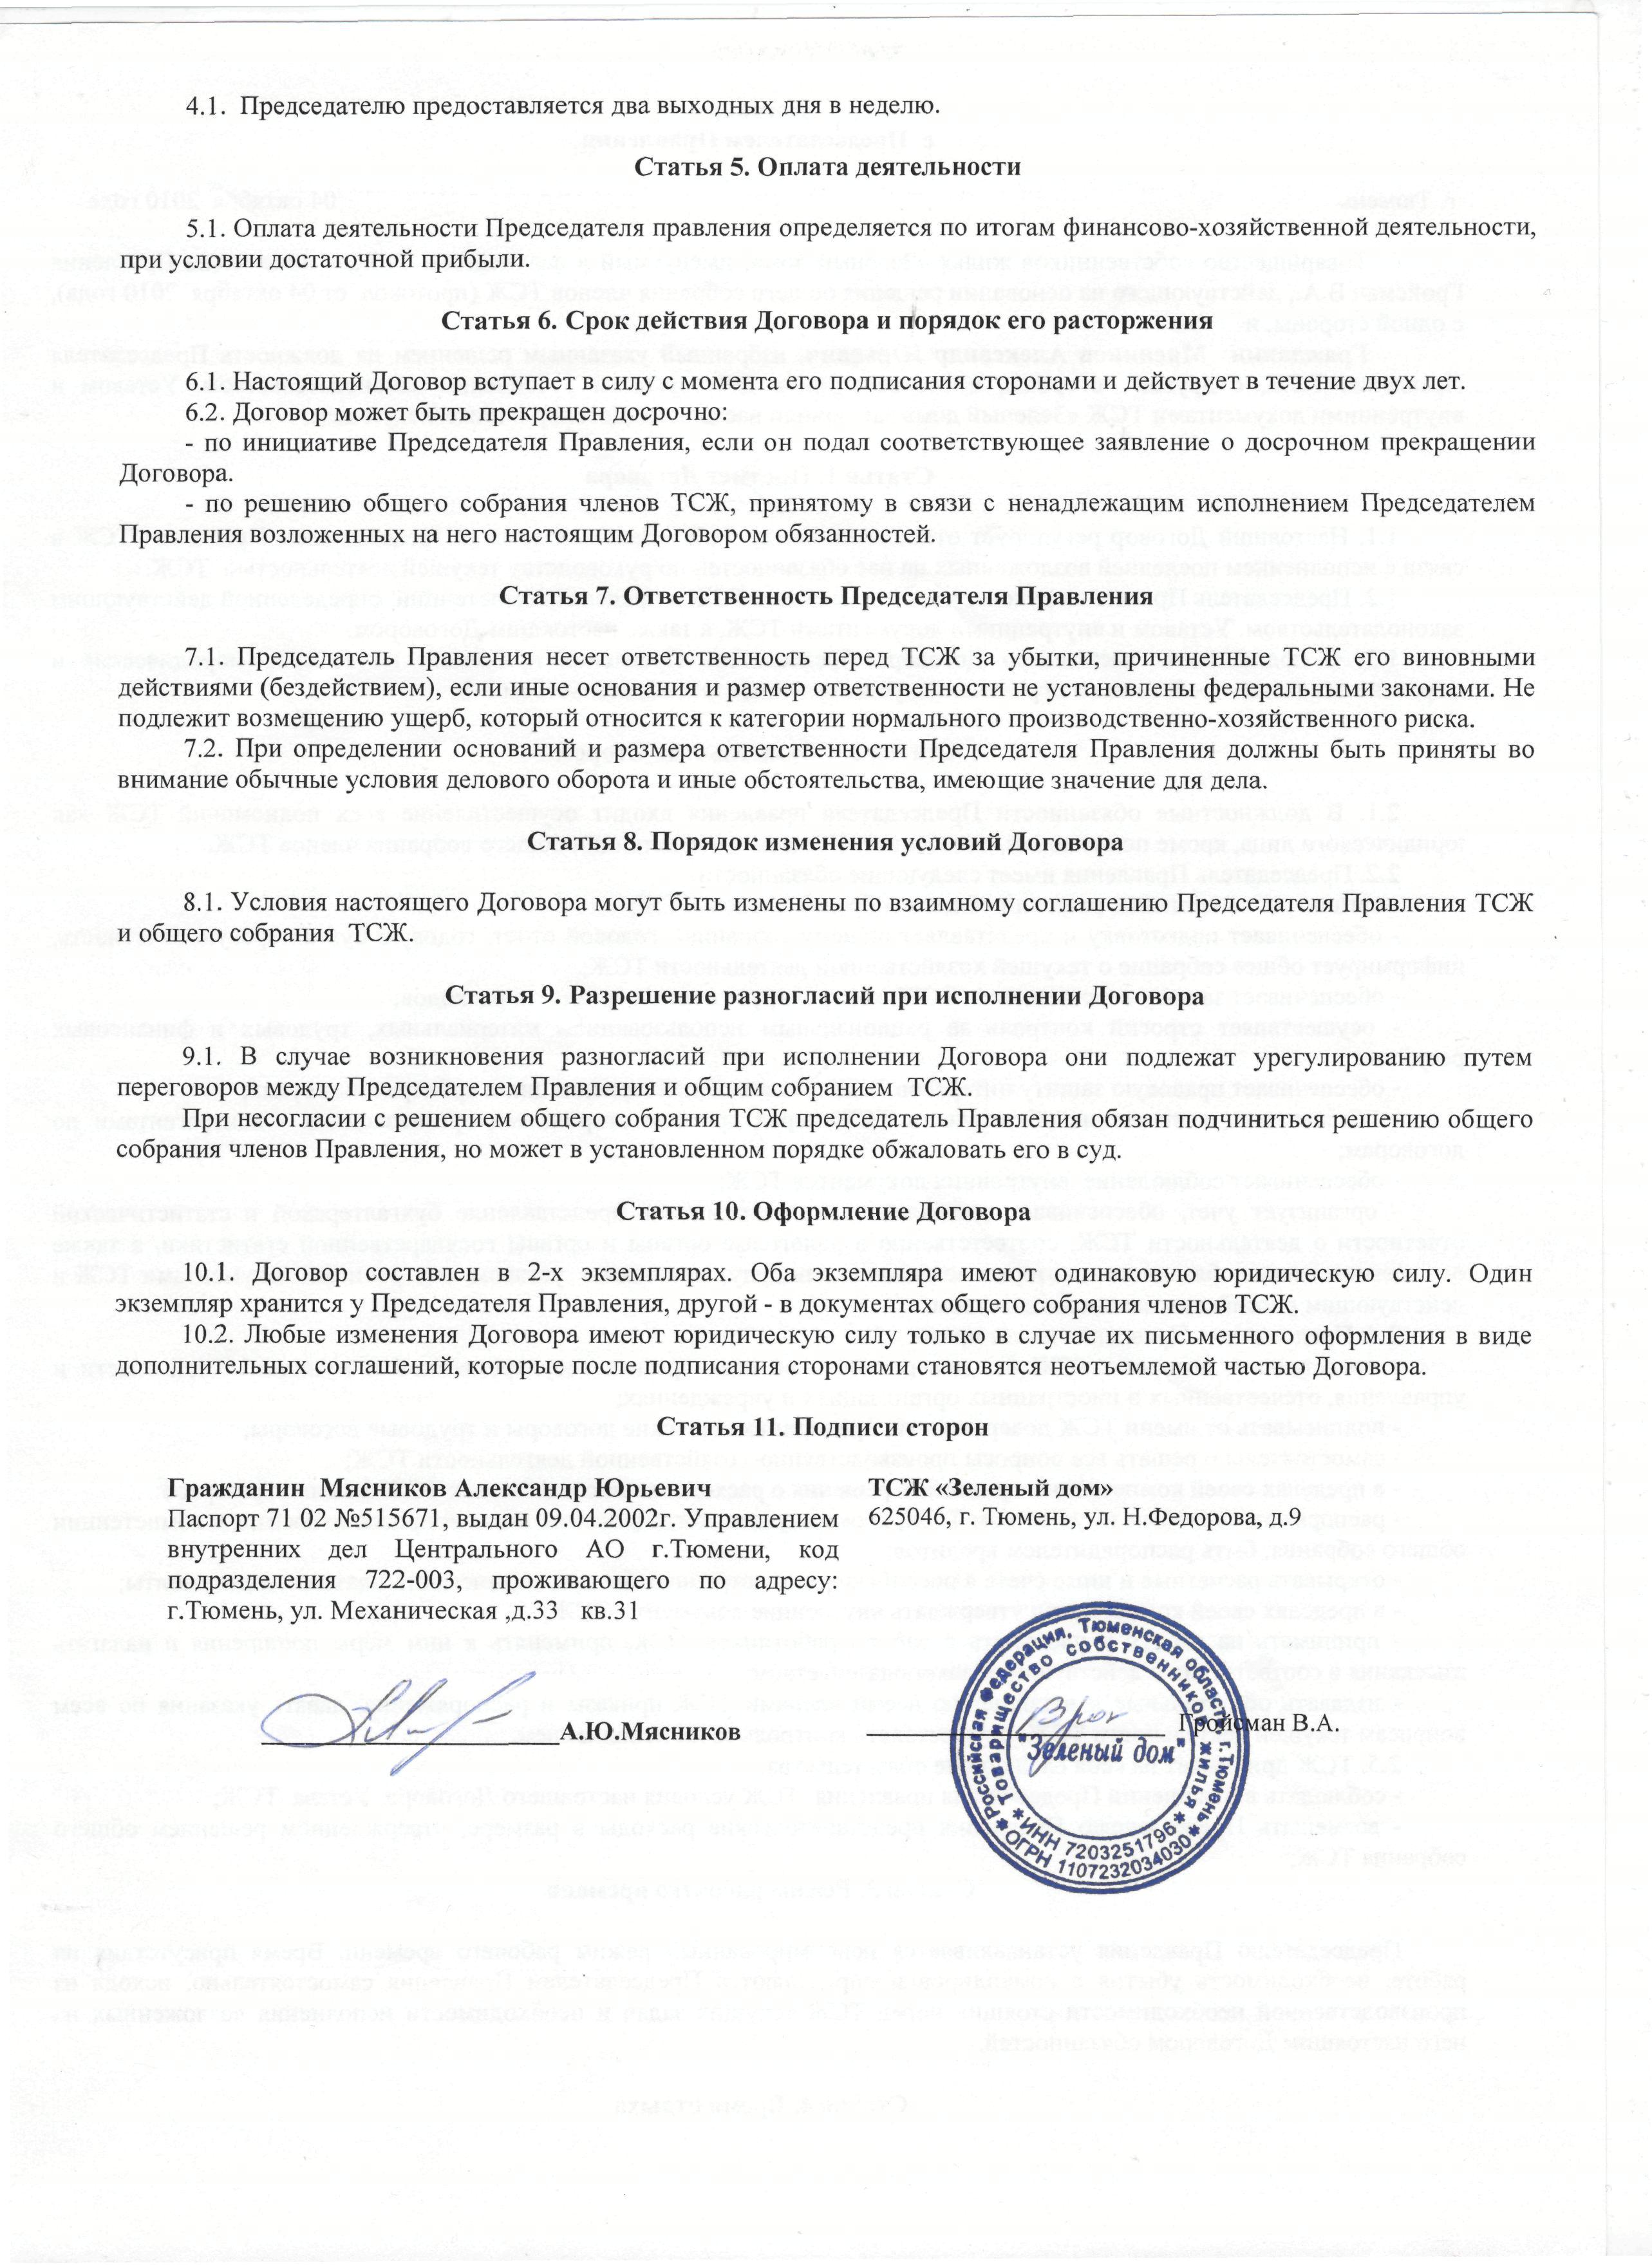 Образец договор с председателем тсж